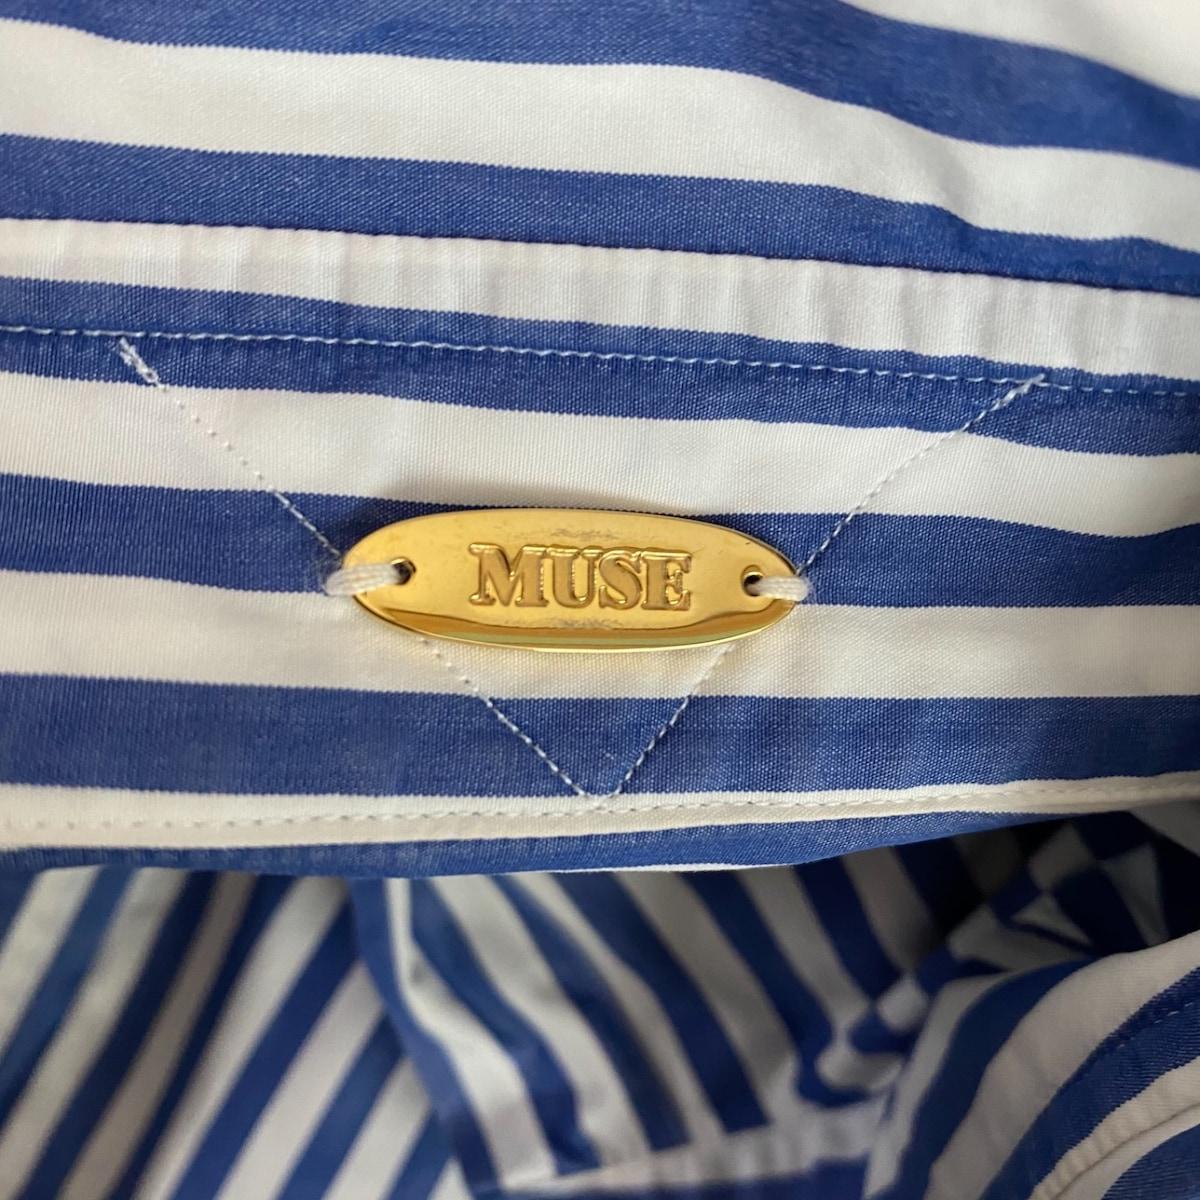 muse(ミューズ)のシャツブラウス